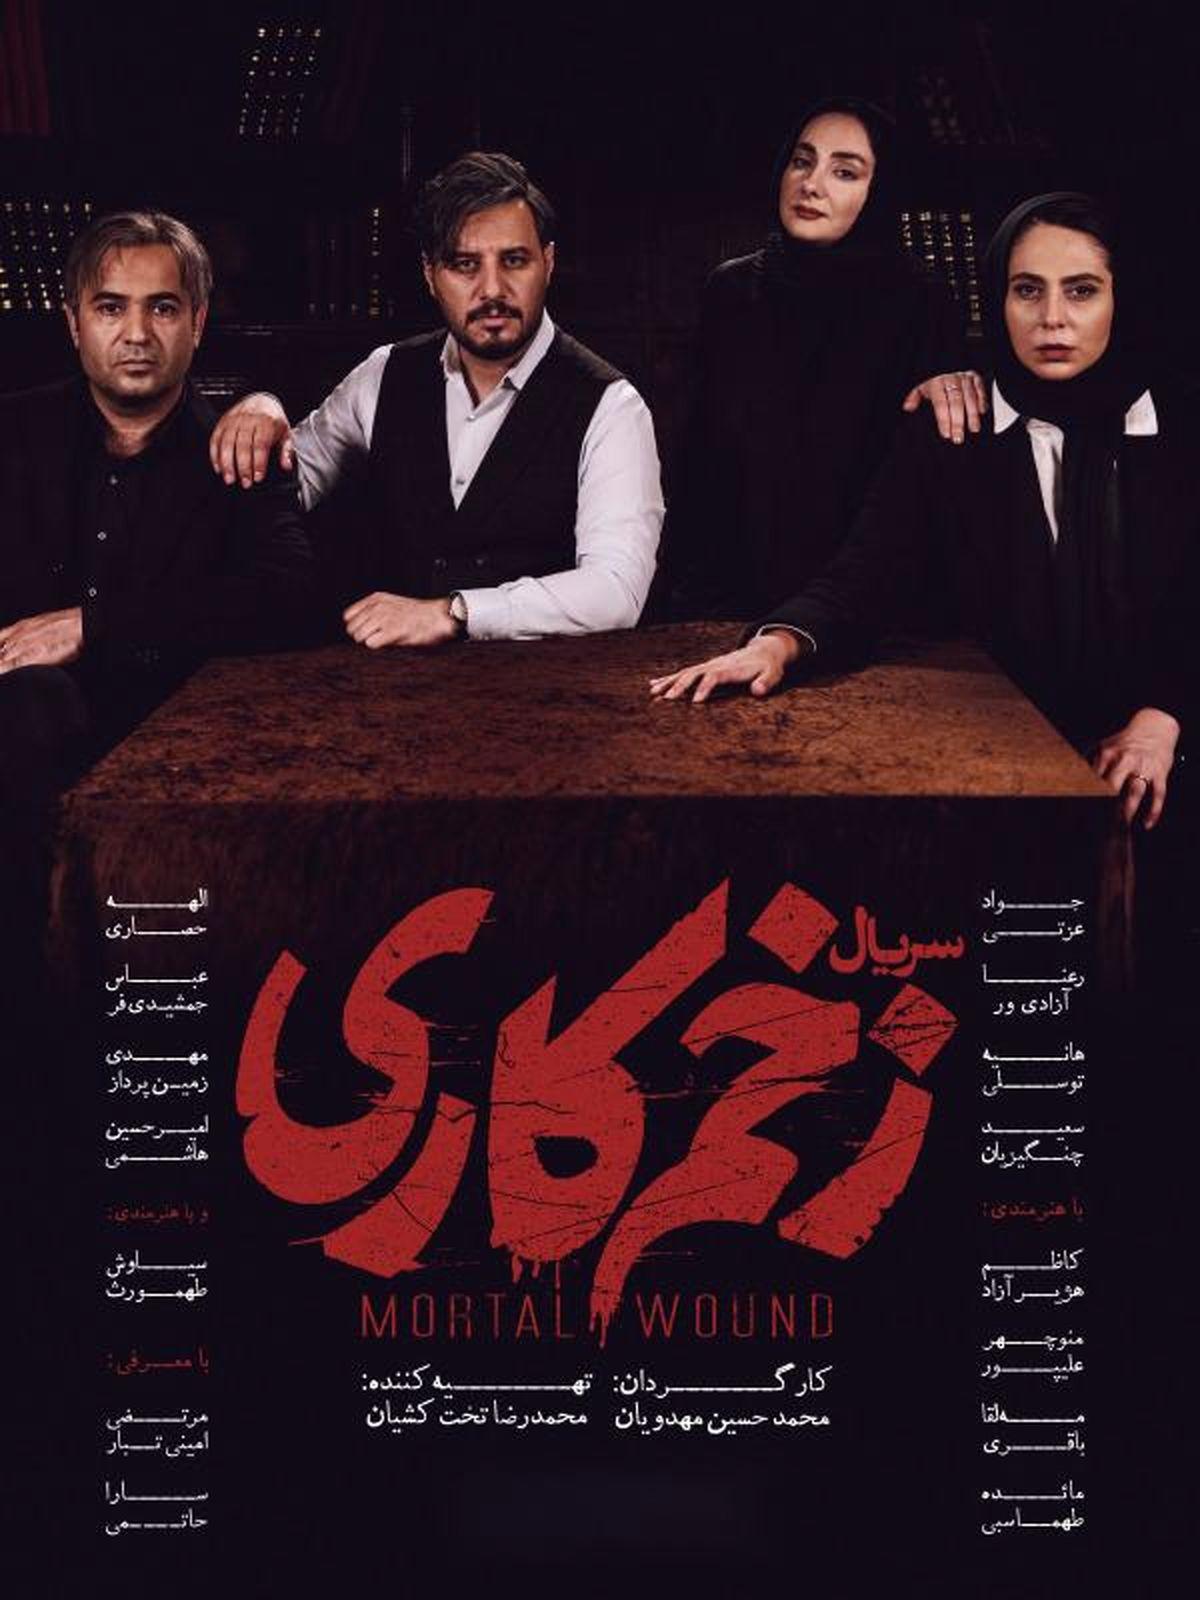 «زخم کاری» ۱۴ خرداد میآید/ رونمایی از پوستر